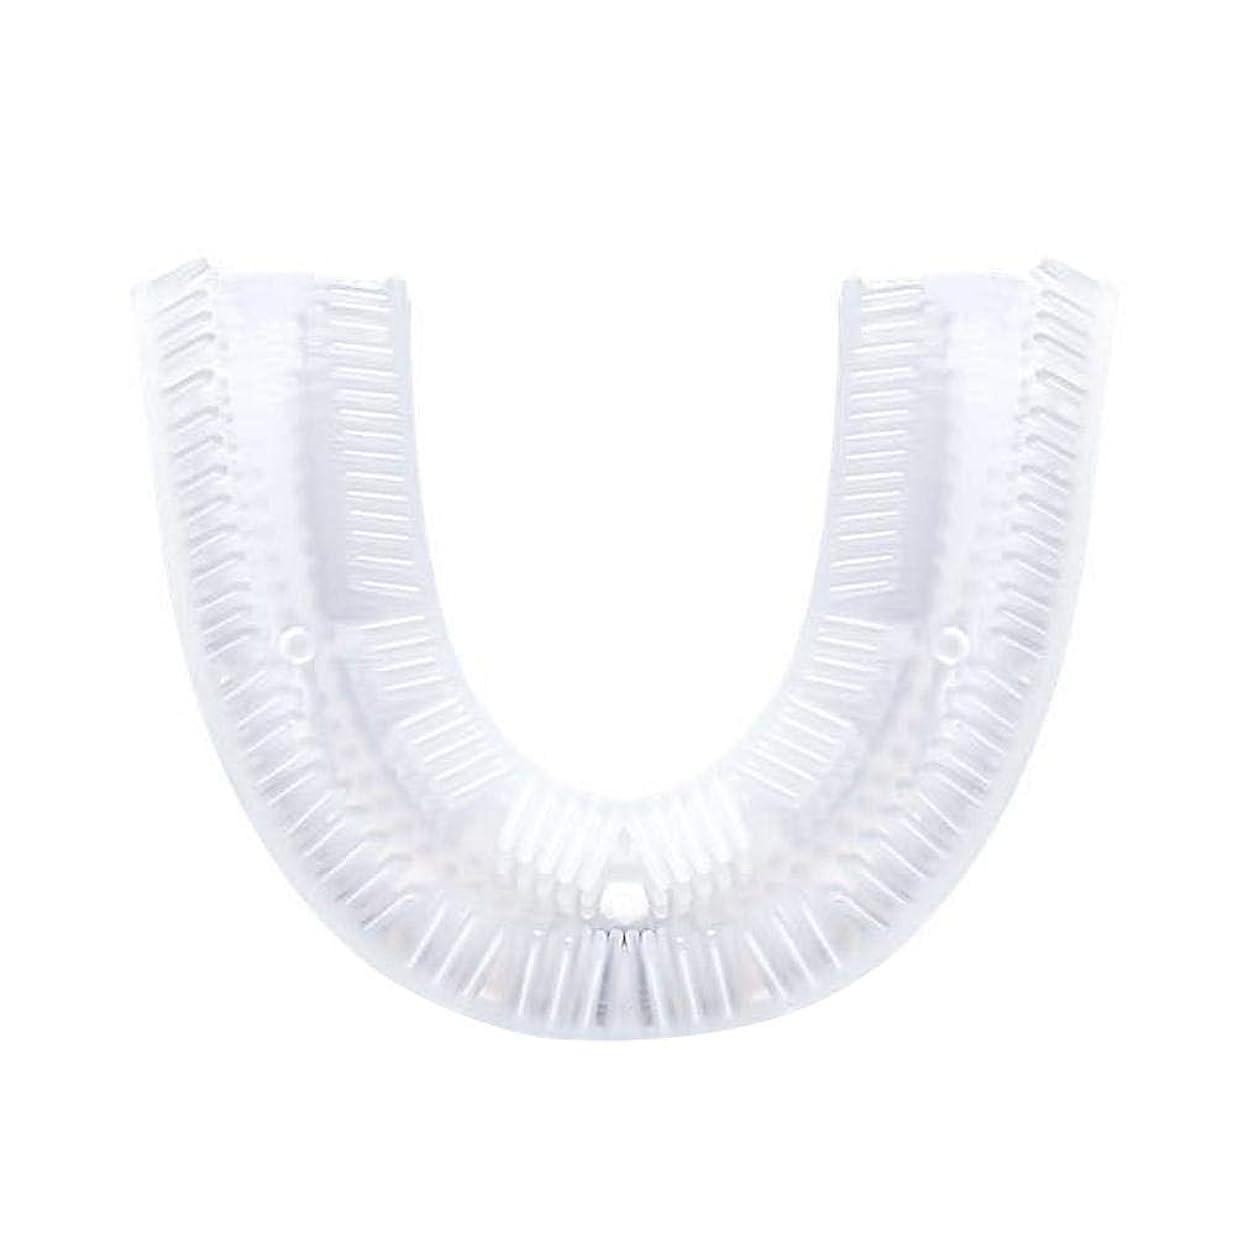 実業家ワーム踊り子歯ブラシ電動、U字型シリコン歯ブラシ交換ヘッド、電動歯ブラシクリーニングブラシアクセサリー